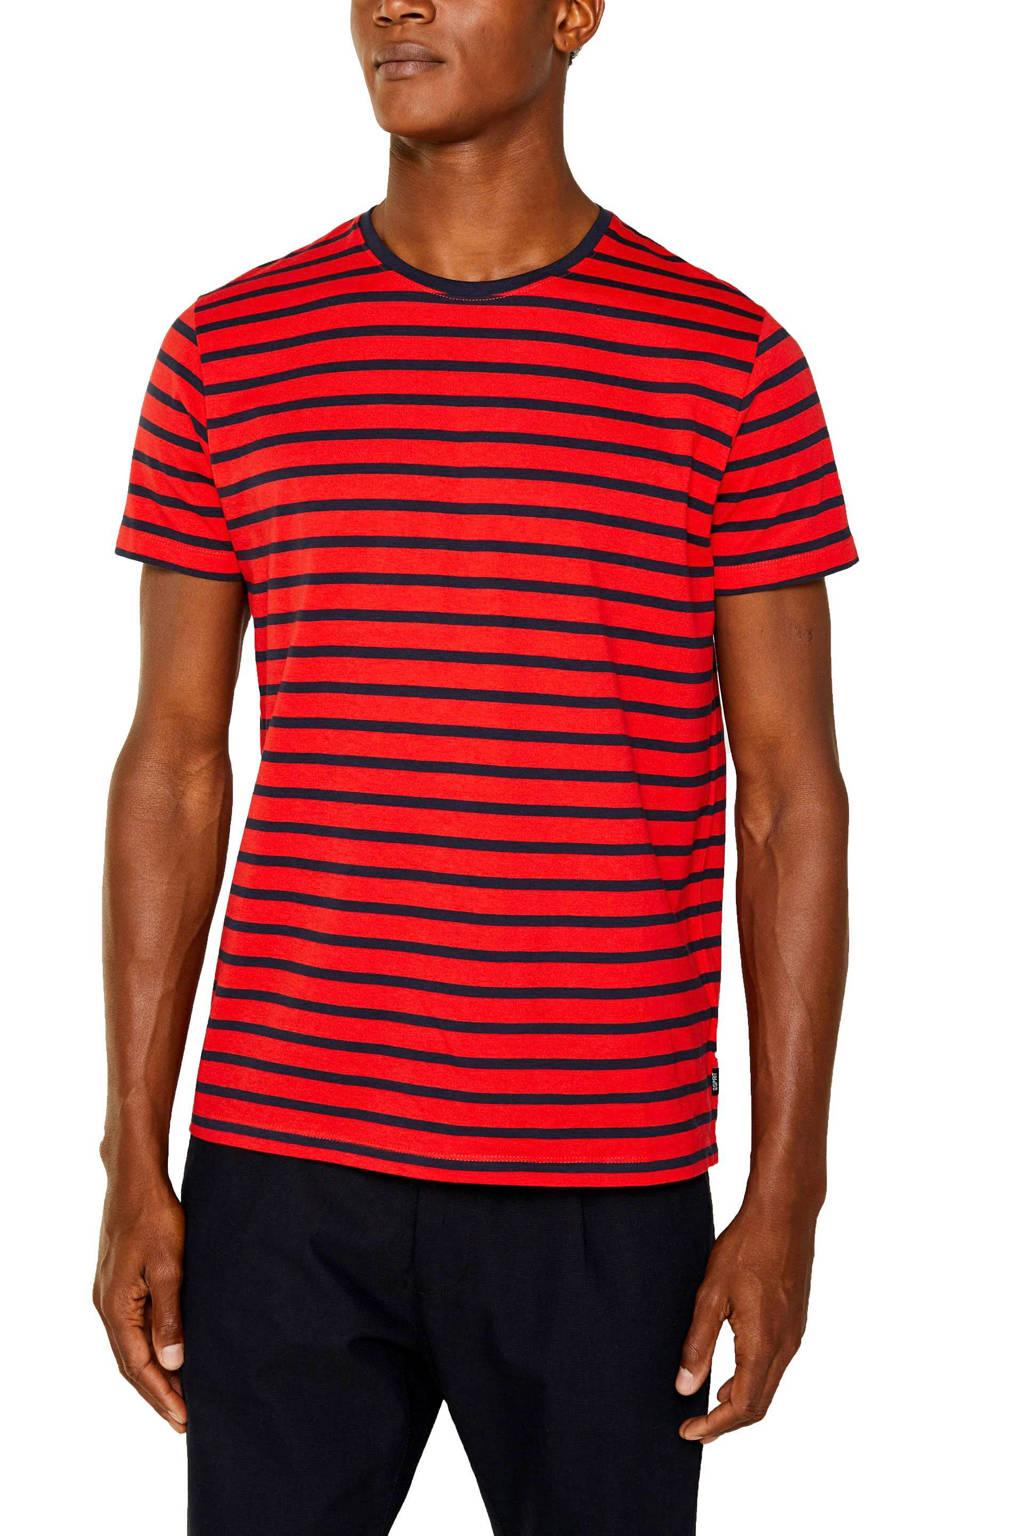 ESPRIT Men Casual gestreept T-shirt rood/zwart, Rood/zwart